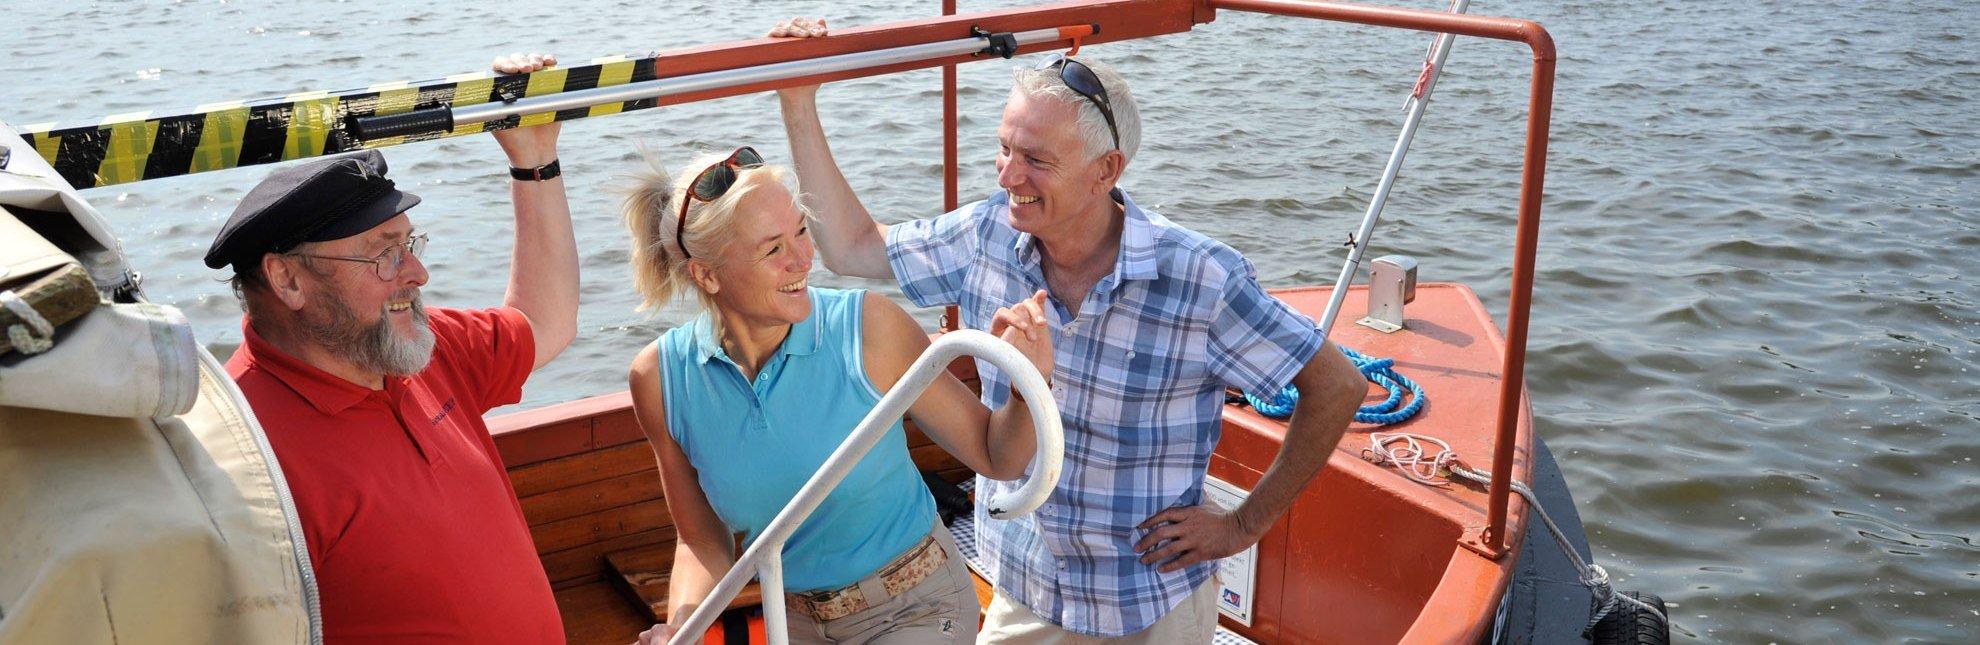 Schiffsausflug auf der Elbe in Geesthacht mit der Stadtbarkasse Piep, © photocompany